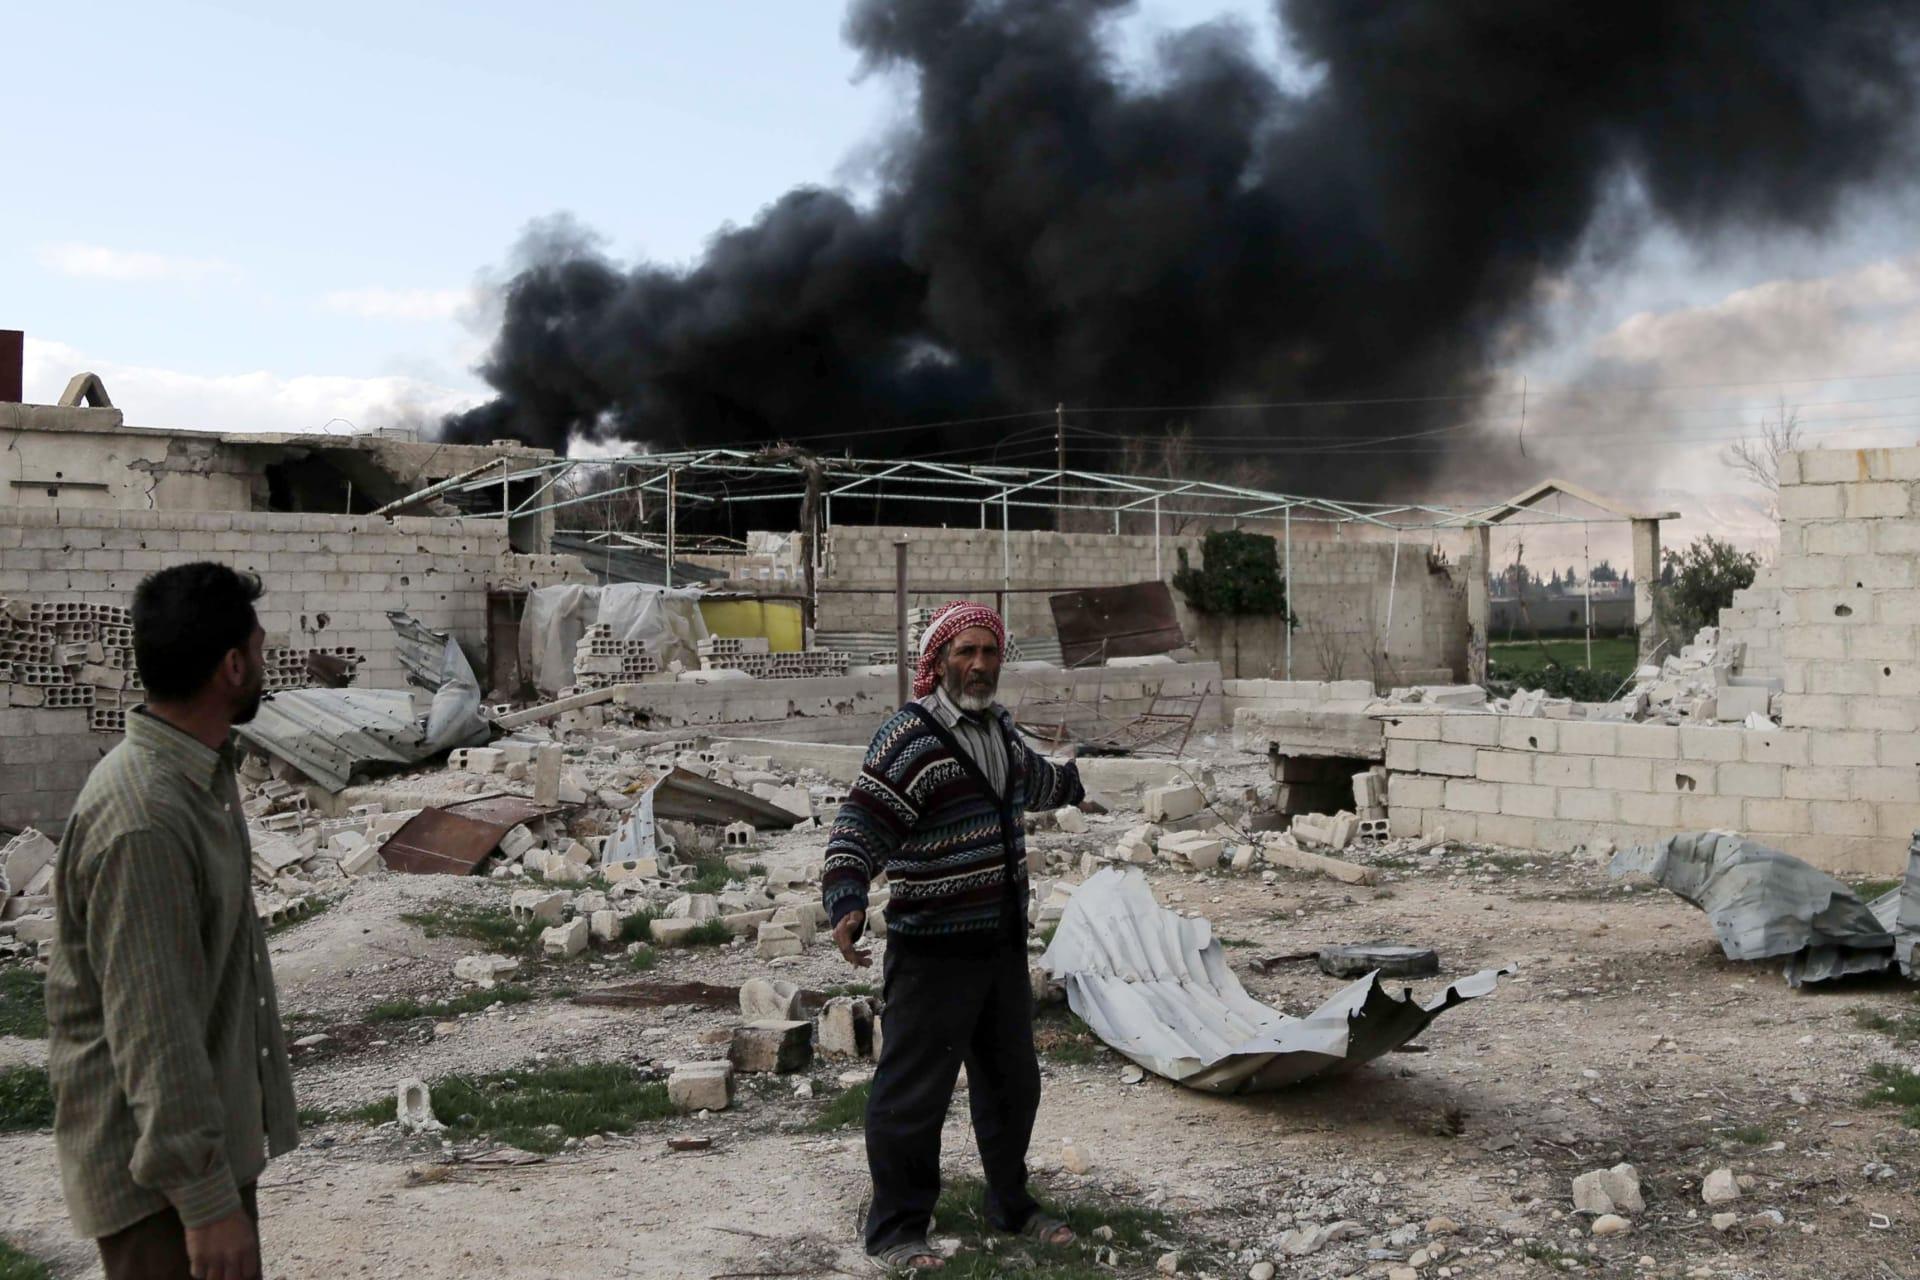 المرصد السوري: داعش يقتل 8 أشخاص بينهم أطفال ونساء في دير الزور